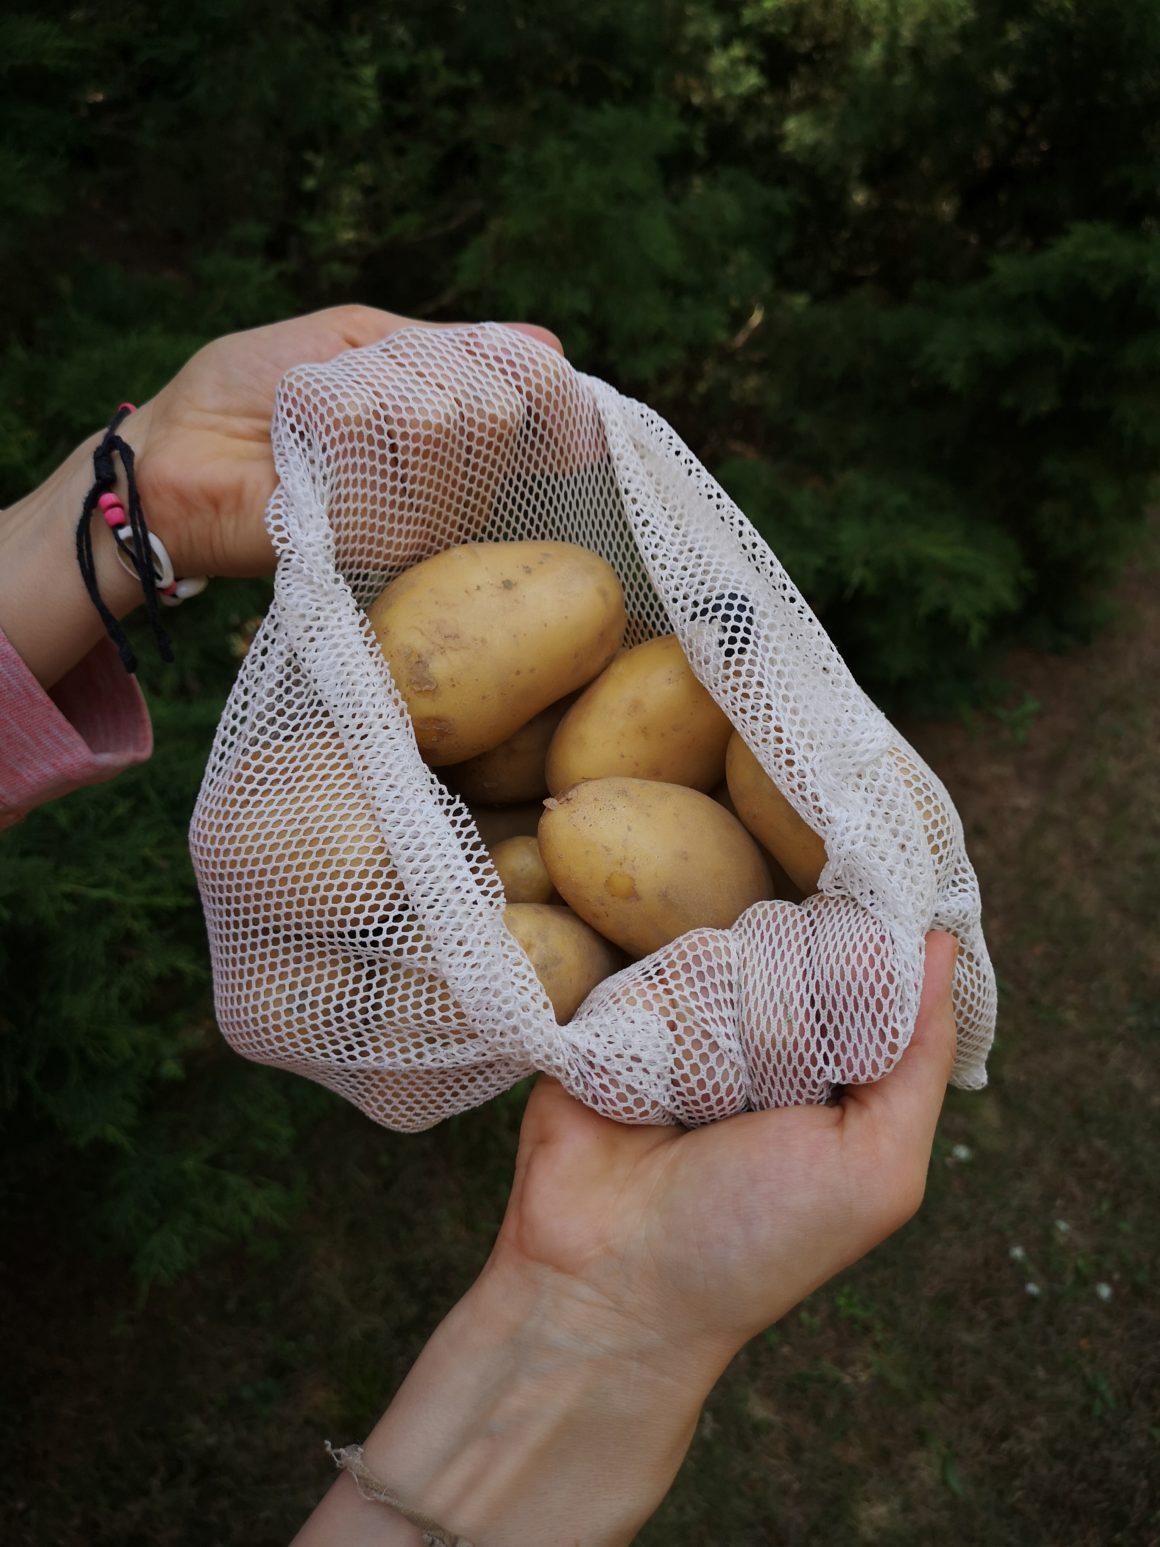 Ziemniaki zawsze do własnego worka